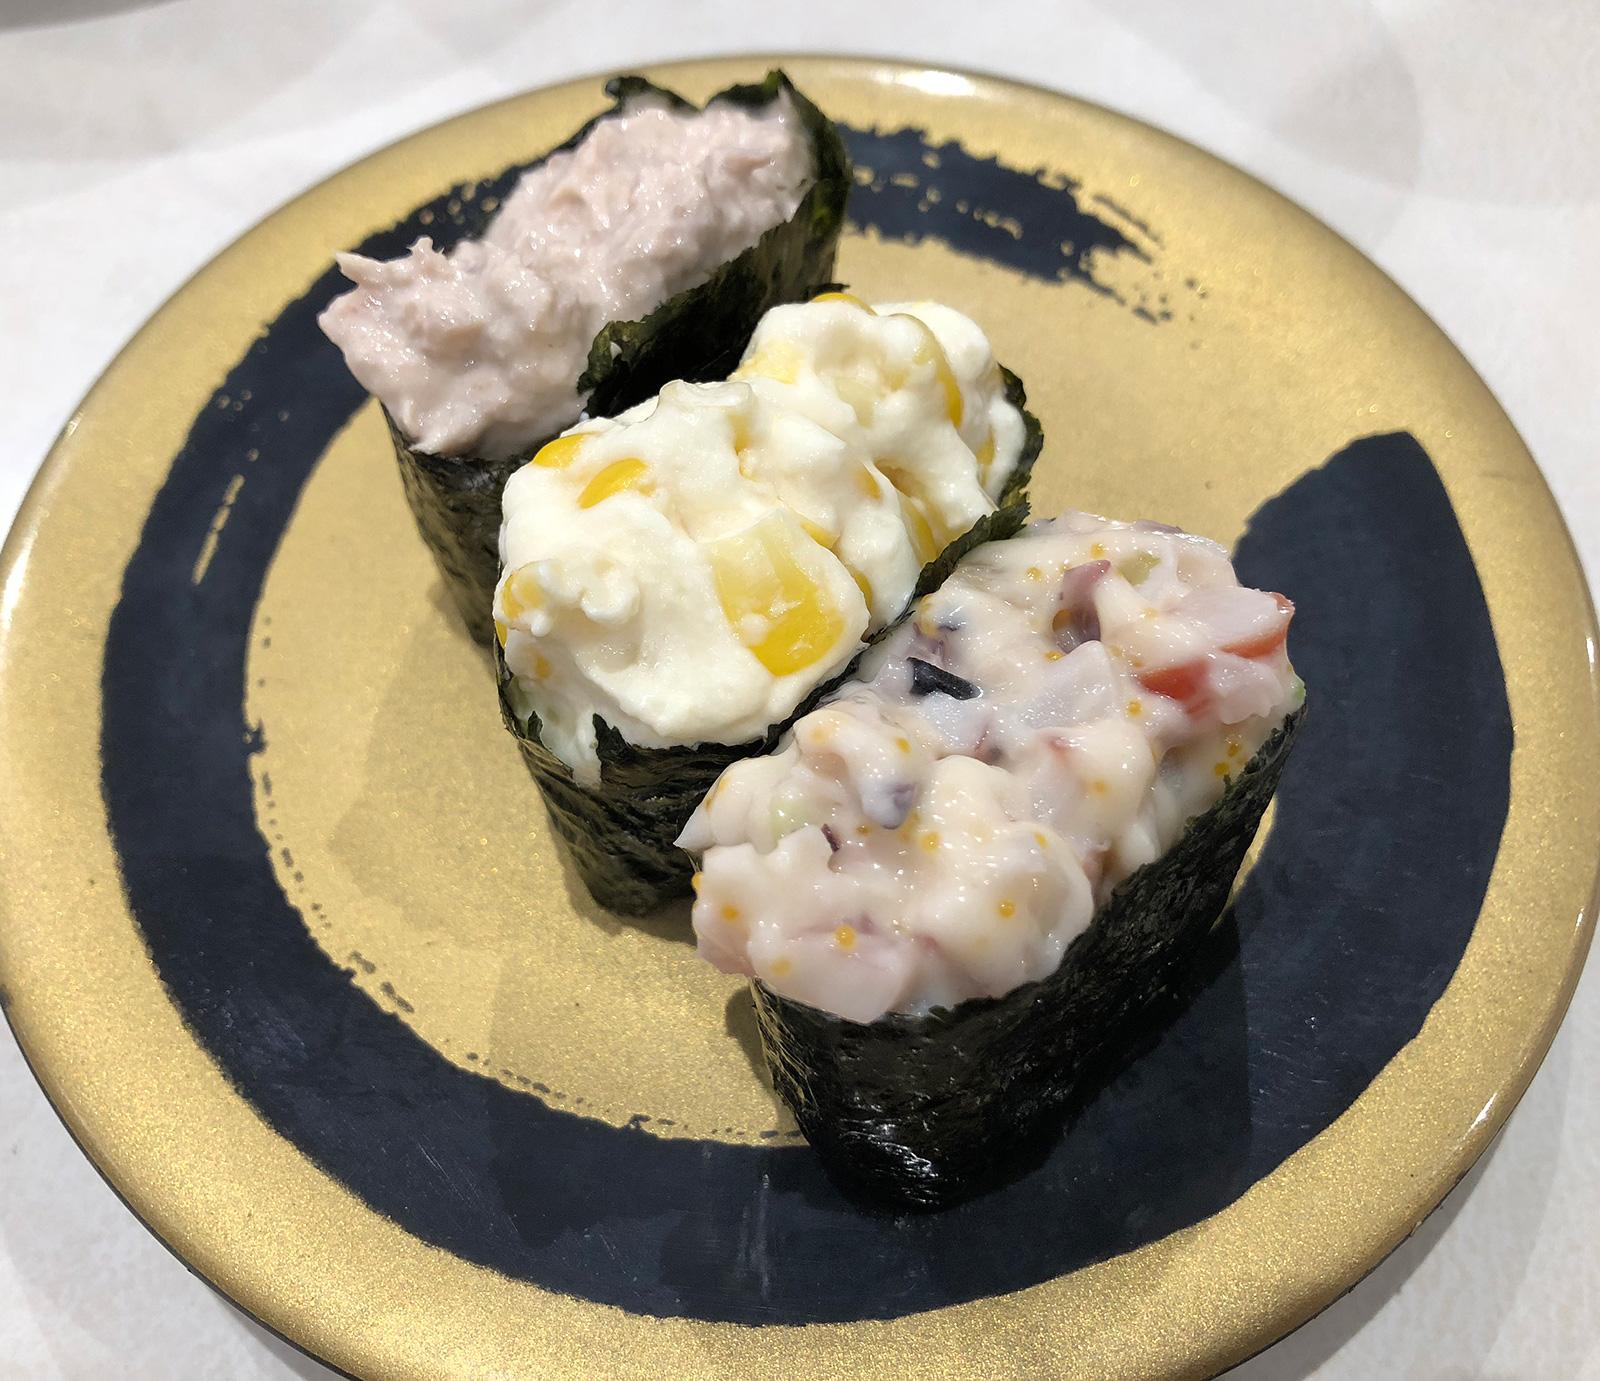 「はま寿司 岩倉川井町店」のお寿司 @岩倉市